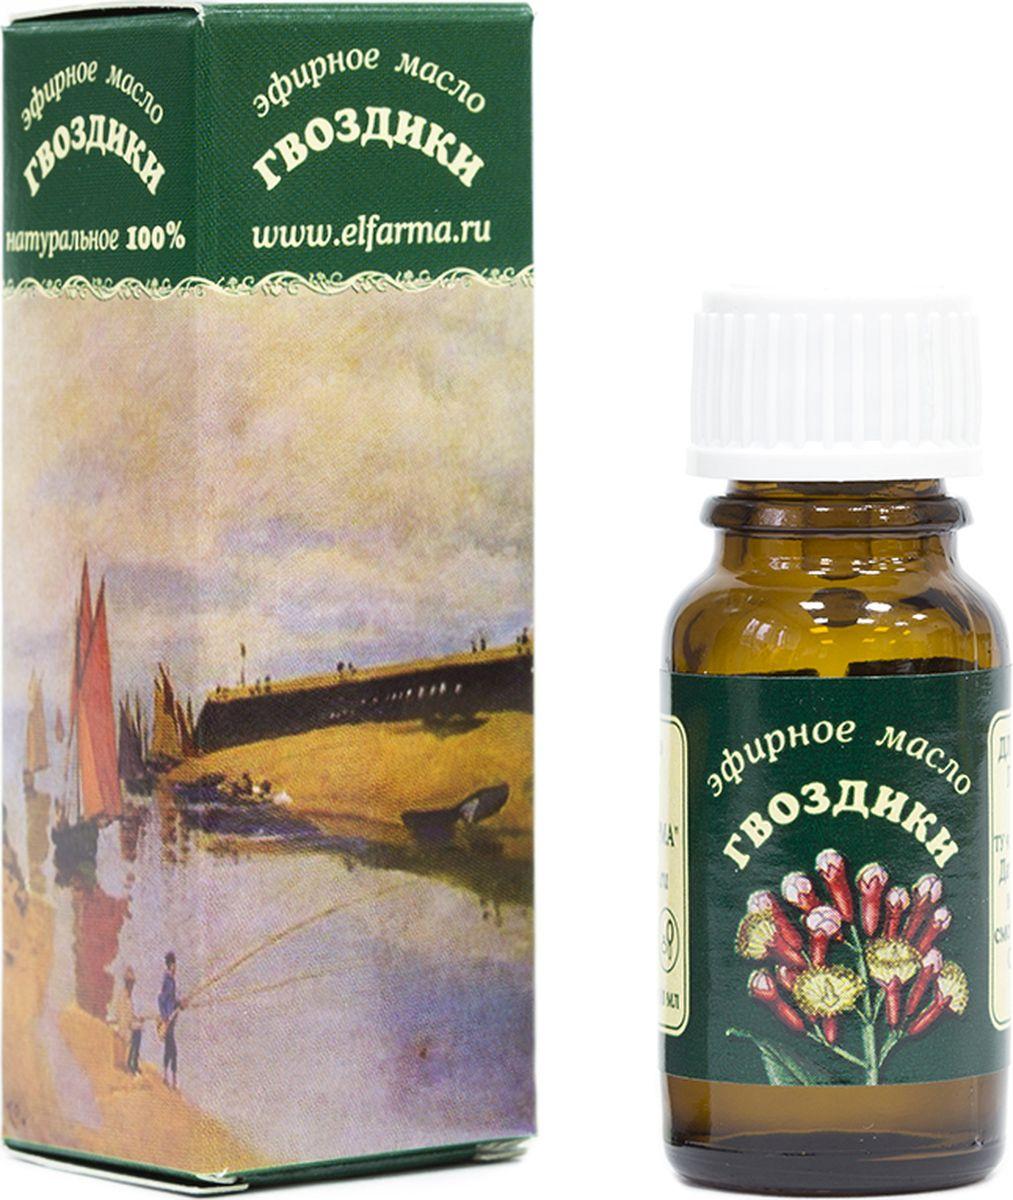 Elfarma Эфирное масло Гвоздики, 10 млEF(46)-SIBИсстари широко использовалось для предупреждения инфекционных заболеваний, вплоть до чумы и холеры. Эффективный репеллент.